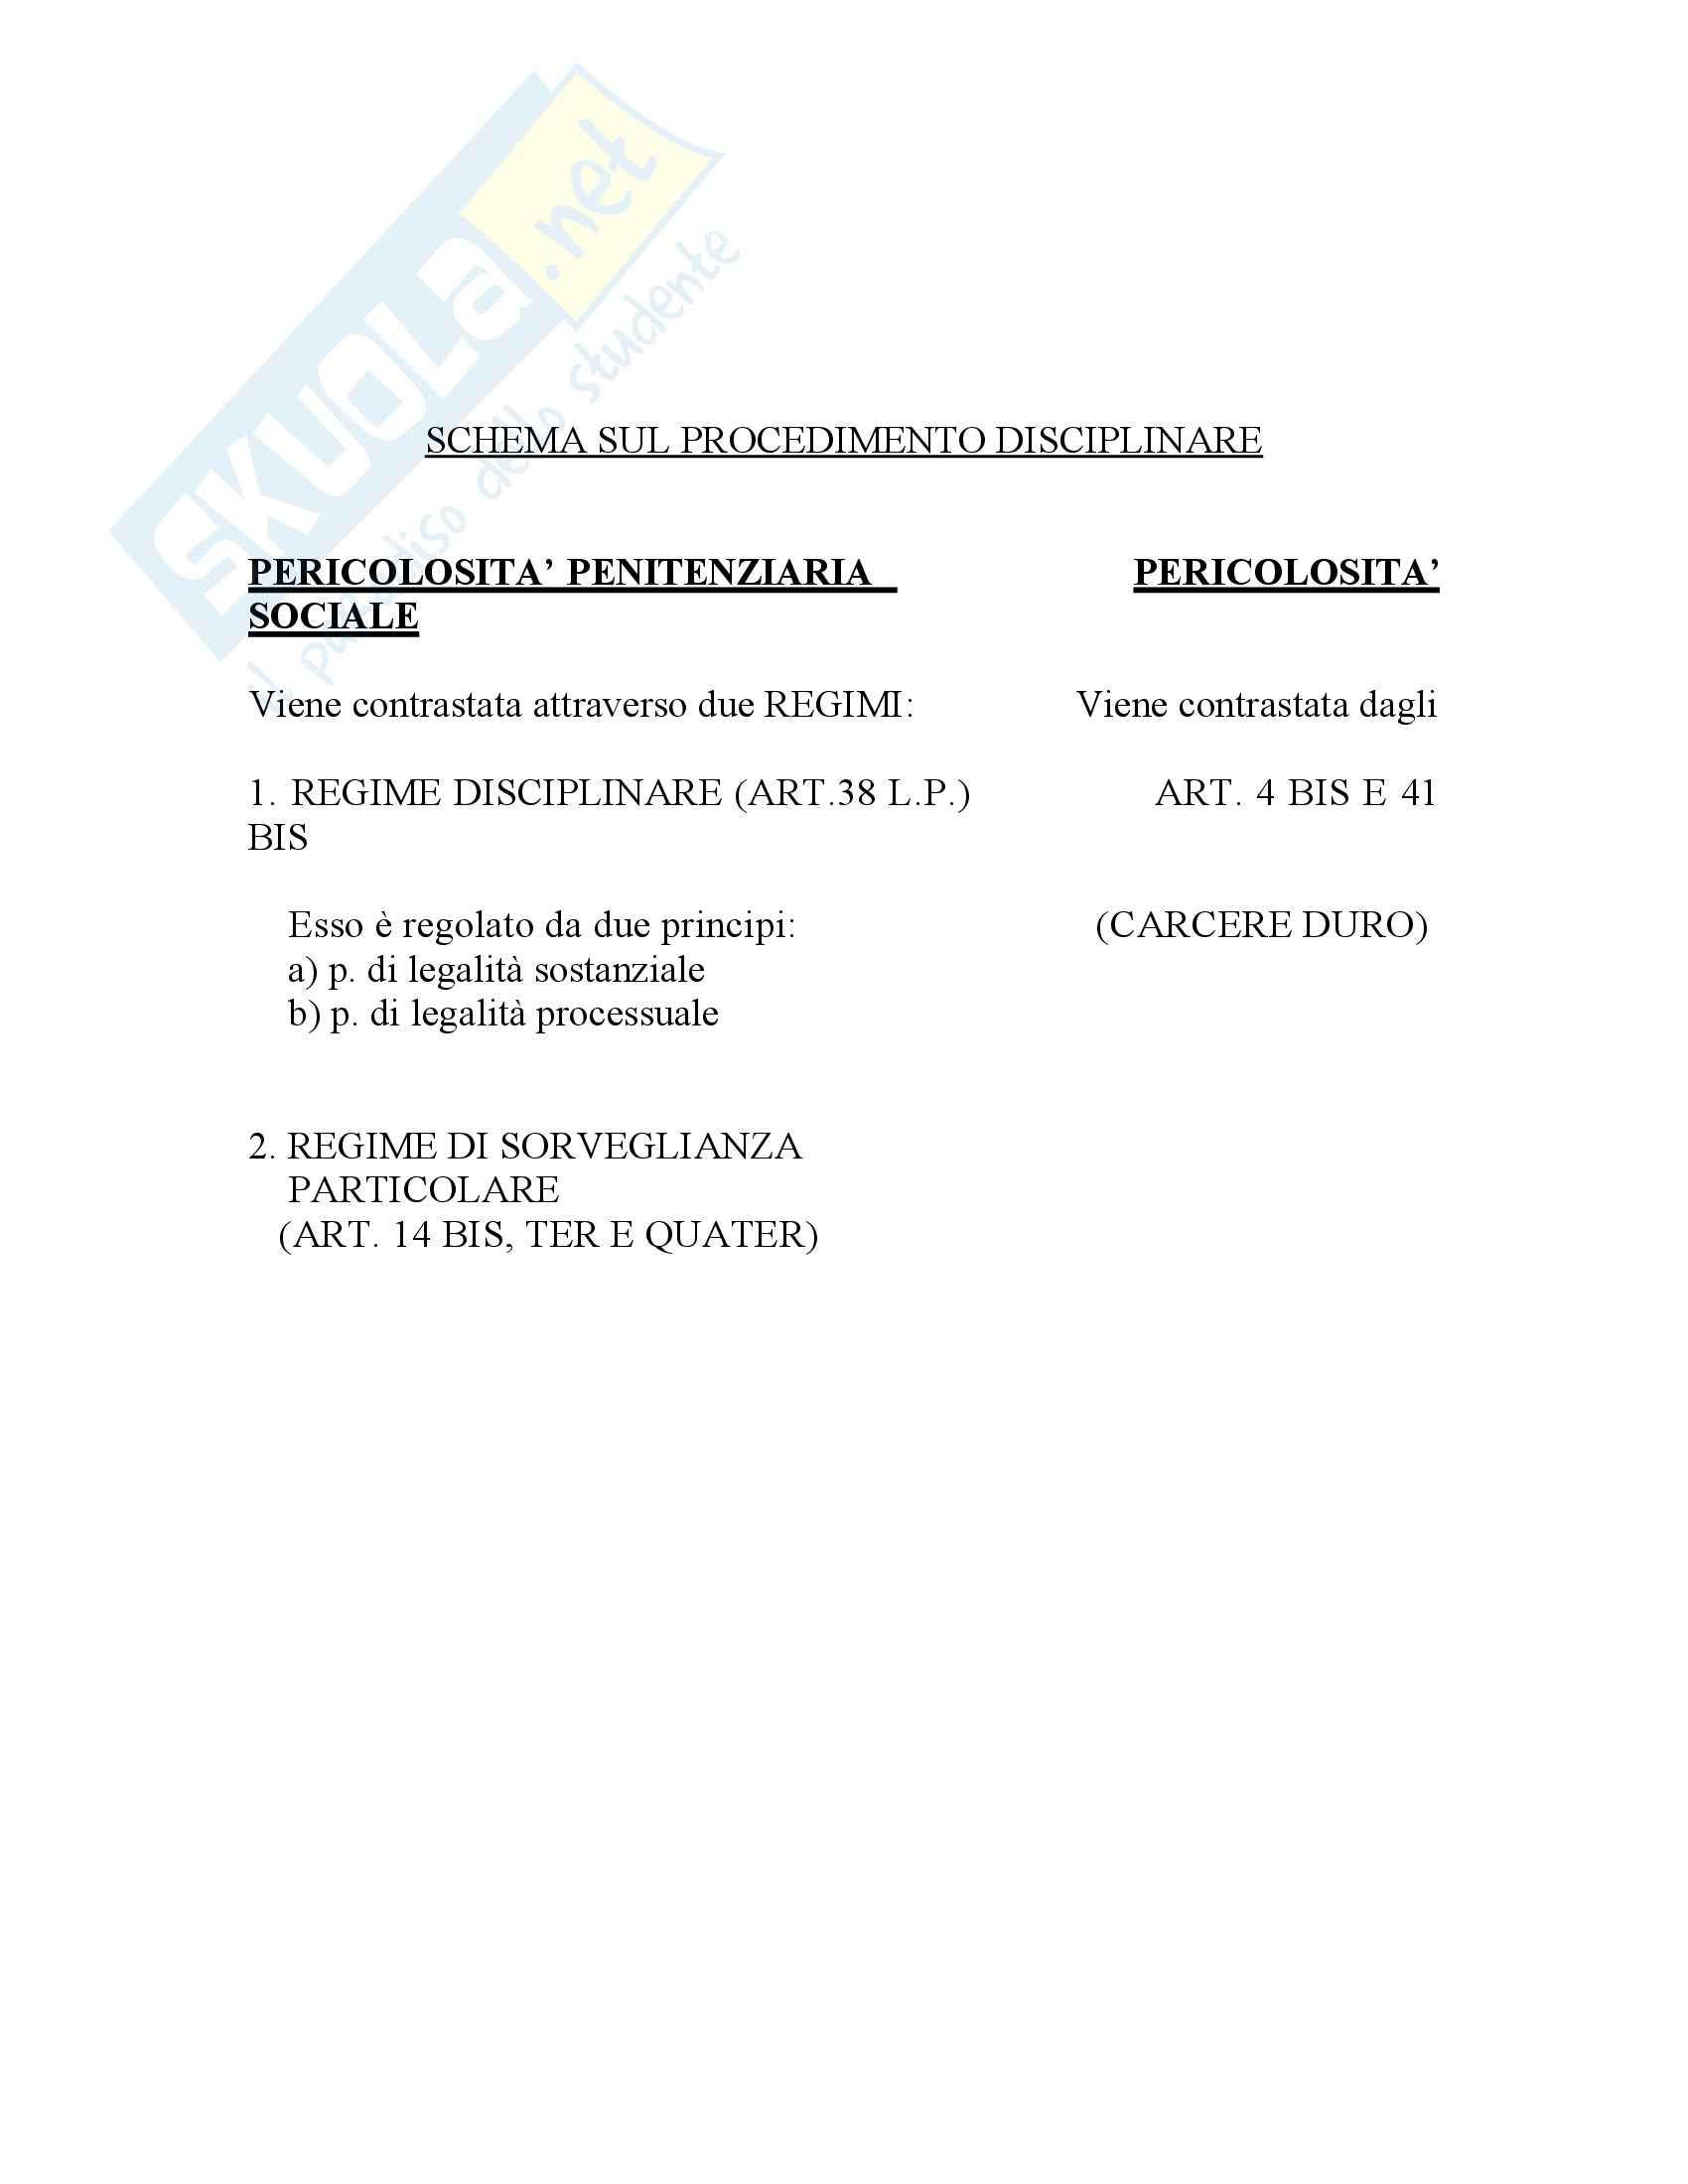 Riassunto esame Diritto penitenziario, prof. Scomparin, libro consigliato Compendio Diritto penitenziario Pag. 71